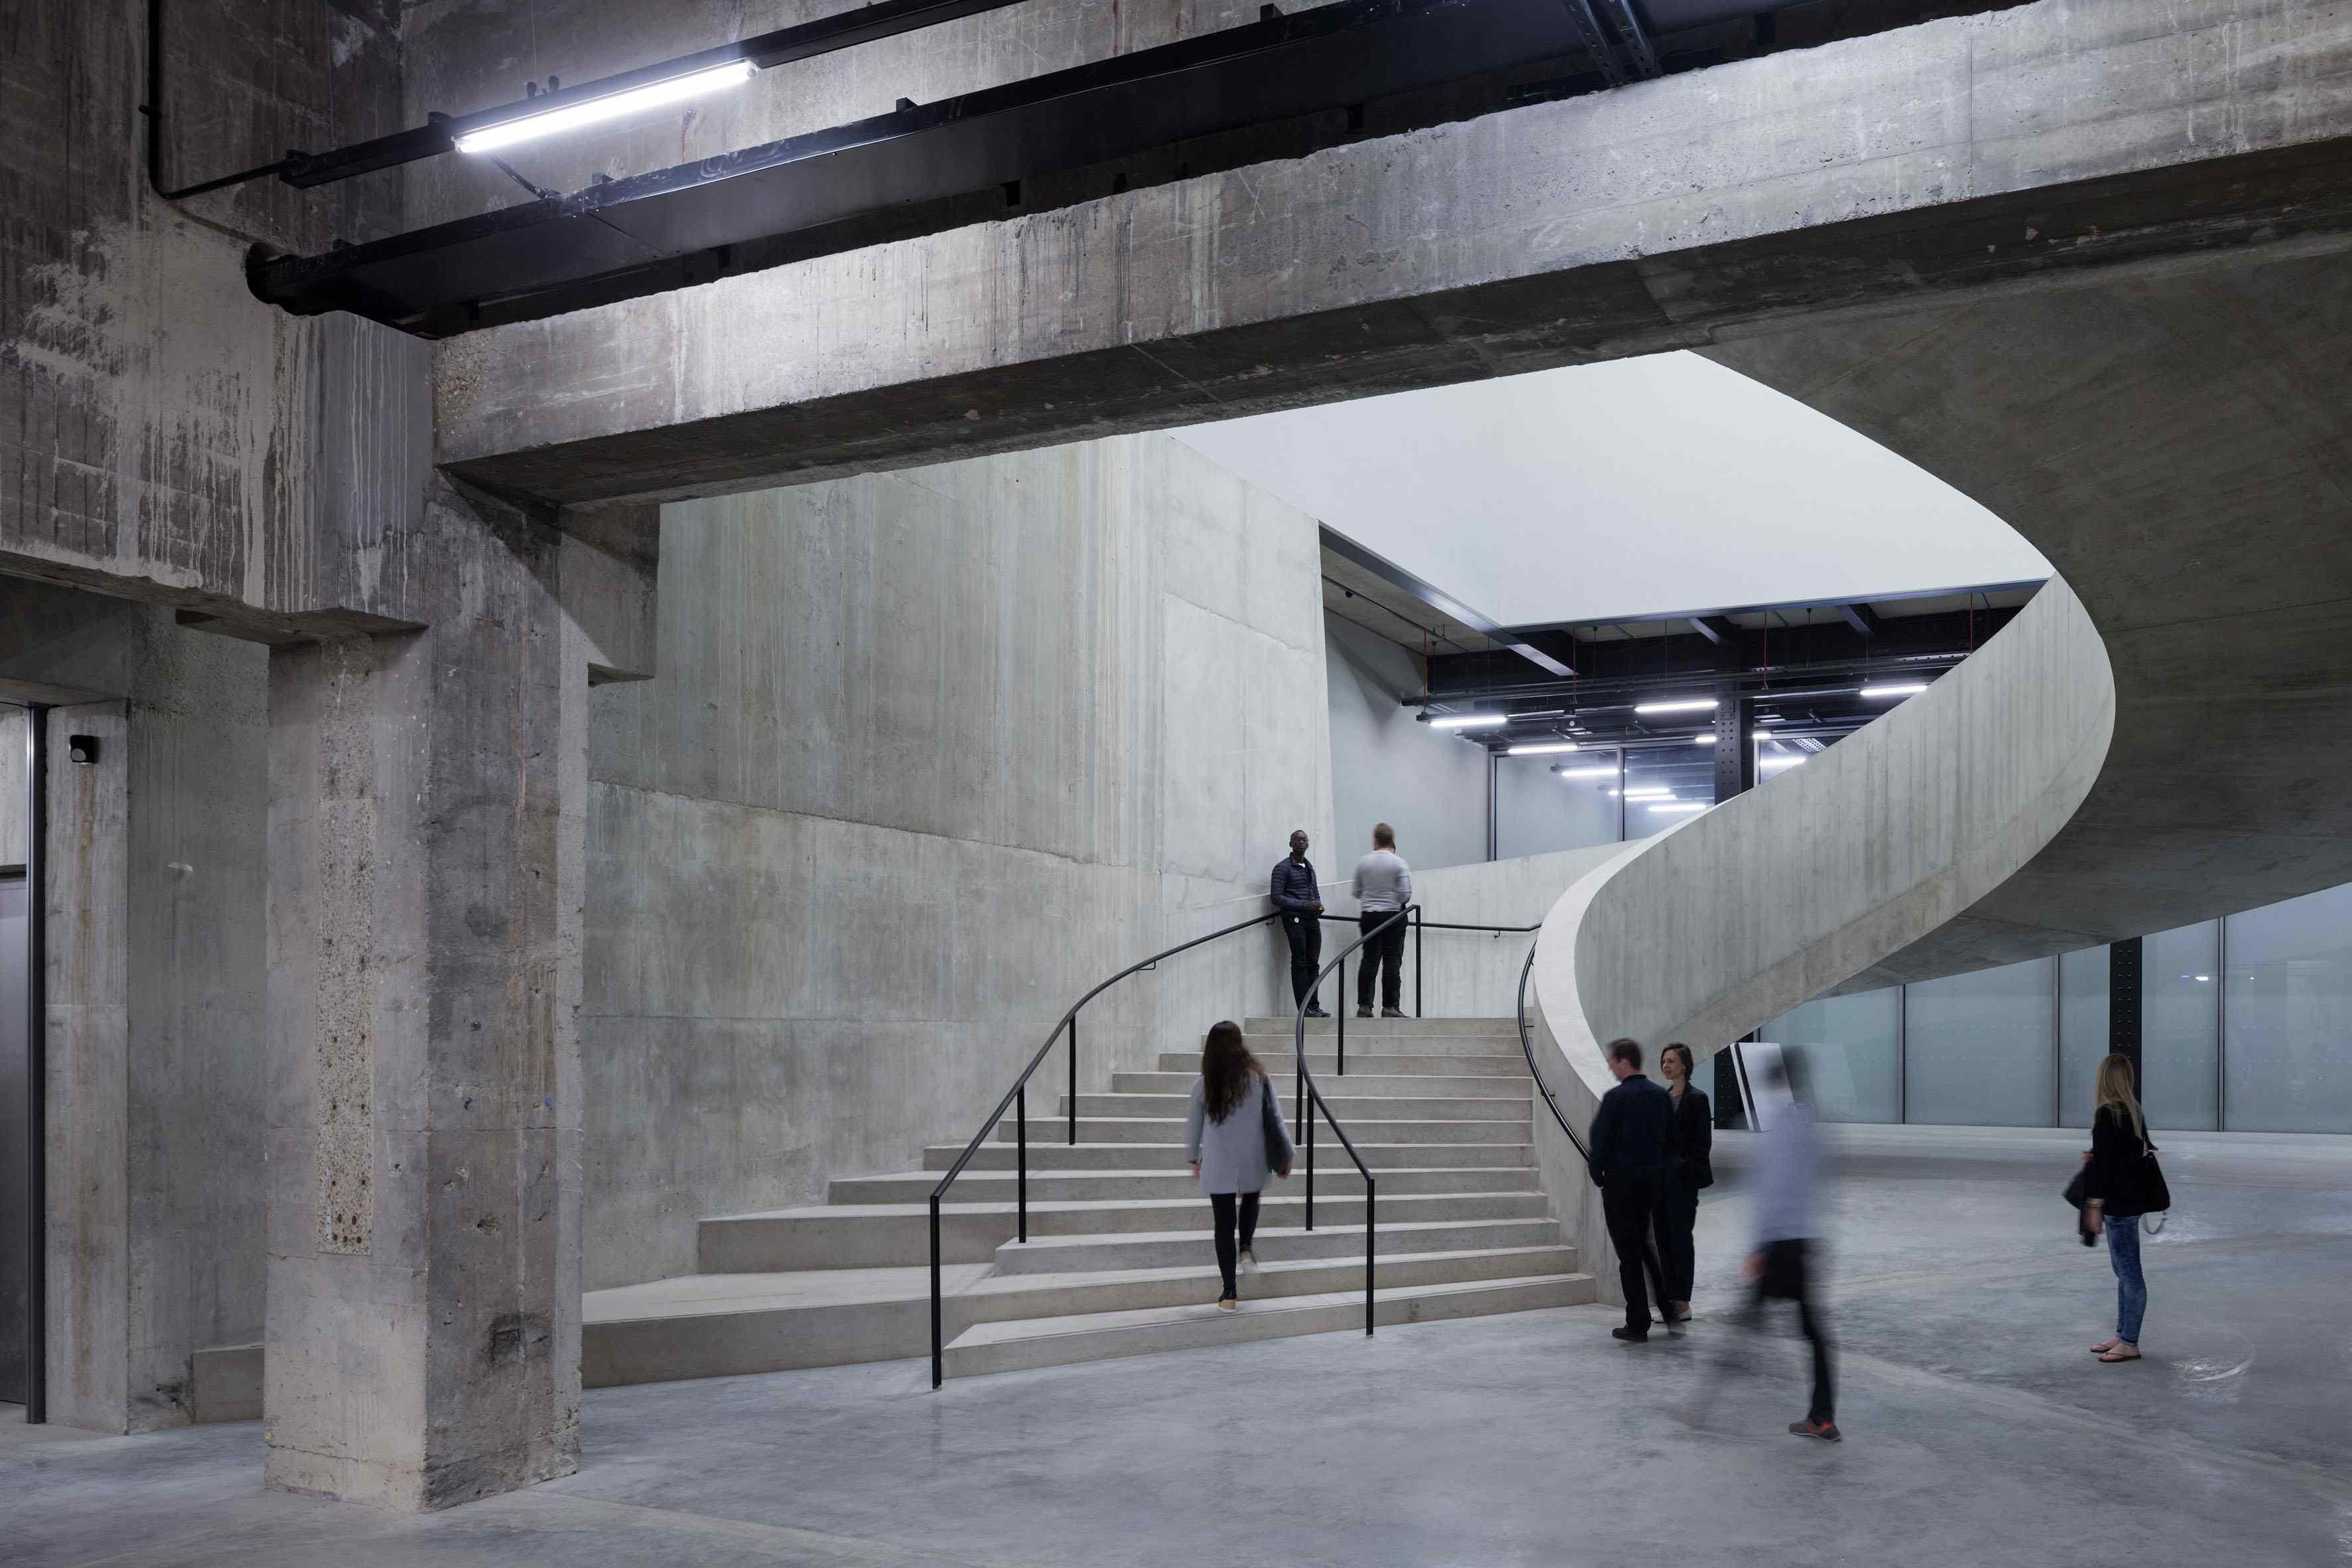 © Iwan Baan   60 % D'ESPACE EN PLUS… PAS FORCÉMENT DÉVOLU À L'ART   Si la nouvelle aile permet au musée d'augmenter de 60 % sa surface, ce gain n'est malheureusement dévolu que partiellement aux lieux d'exposition. Seuls les niveaux 2 à 4 accueillent les deuxexpositions thématiques inaugurales. La première et la plus passionnante, Between Object & Architecture(niveau 2) s'intéresse à la relation entre l'œuvre d'art et l'environnement qui l'entoure. Donald Judd, Rachel Whiteread, Daniel Buren, Cristina Iglesias, Eva Hesse, Rasheed Araeen, Bruce Nauman et Ricardo Basbaum se voient ainsi convoqués. Au niveau 3, Performer and Participantscrute de très près les liens entre art, performance et chorégraphie, alors que le niveau 4 offre une salle impressionante à Louise Bourgeois et un espace bien trop petit à la thématique urbaine (Living Cities). Le reste de l'espace est vampirisé, au choix, par un bar et une boutique au niveau 1, huitascenseurs gigantesques à chaque étage, des escaliers et des toilettes partout, ou encore le restaurant du niveau 9…